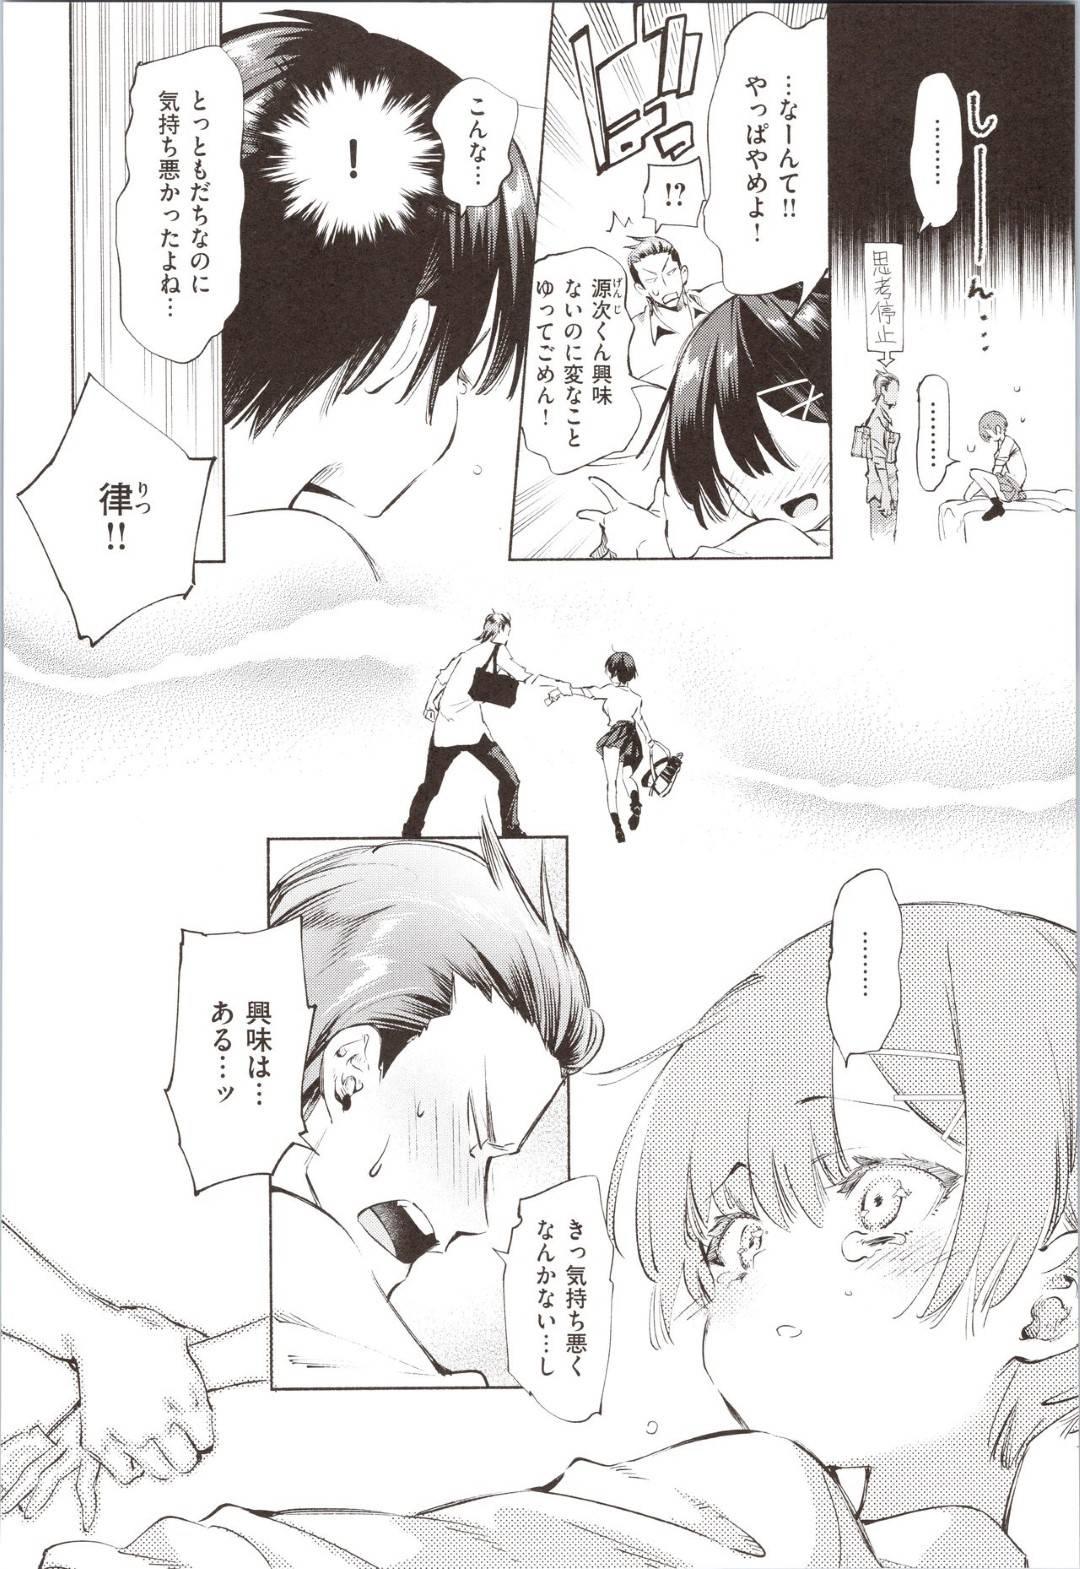 【エロ漫画】不良男子の幼馴染に再会したら女だったことに驚かれたJKは昔の秘密基地で告白してイチャラブ初セックス!【守月史貴】